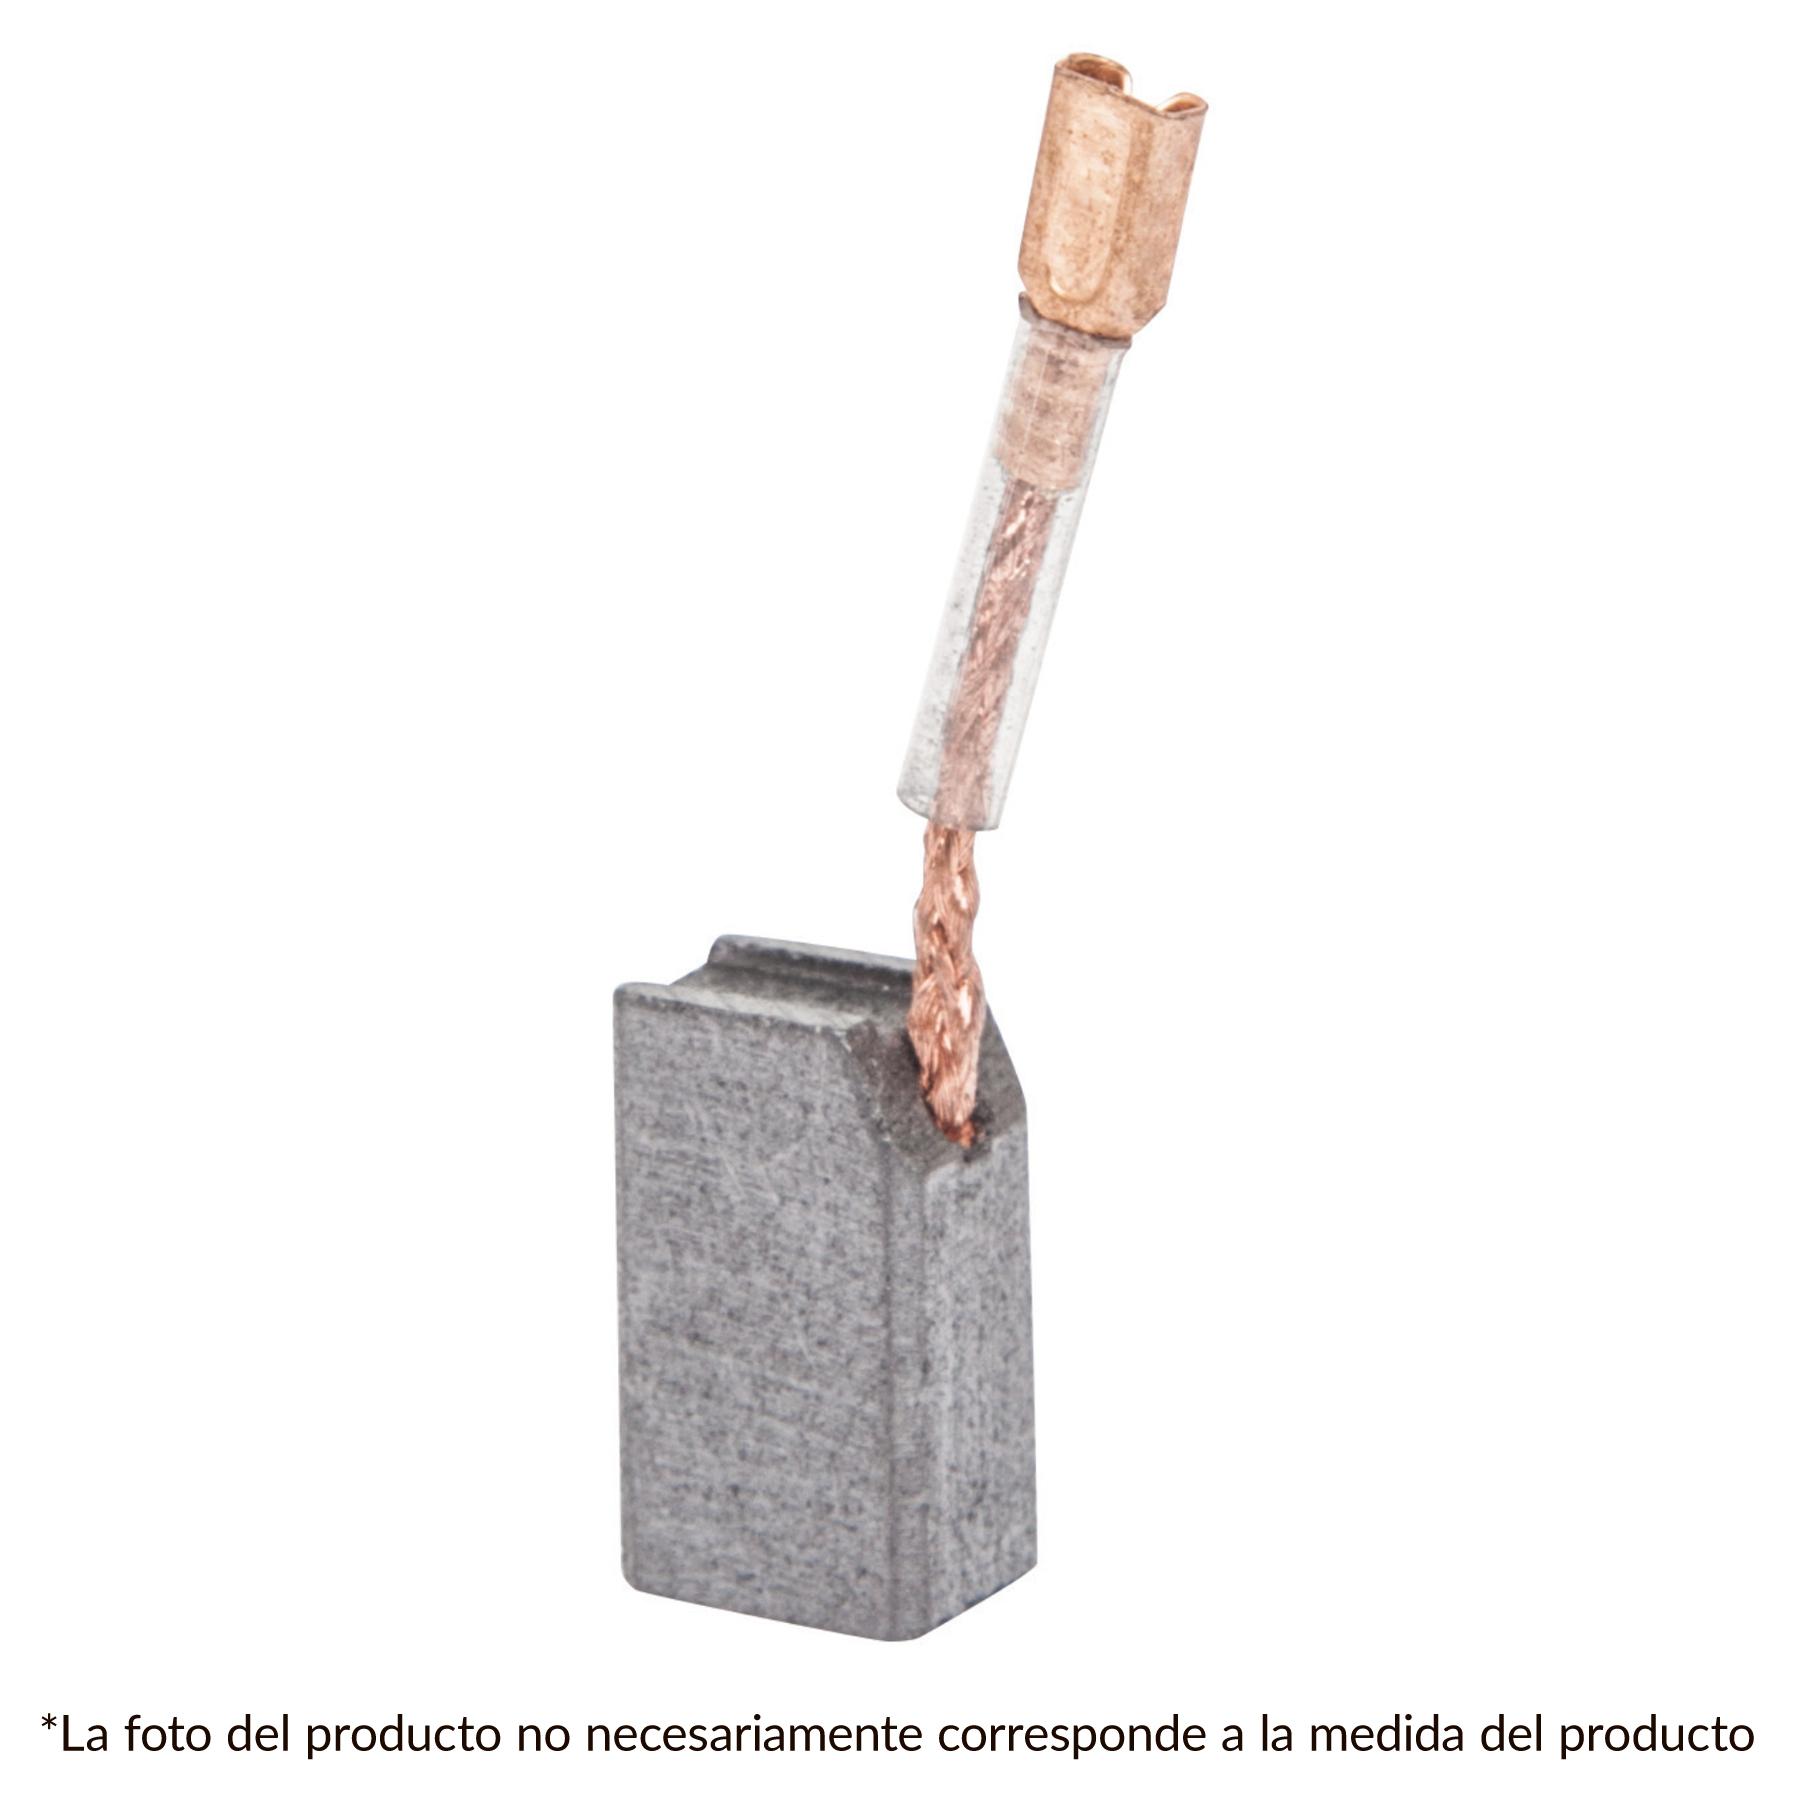 Carbones de repuesto para esmeriladora ESMA-4-1/2NX3